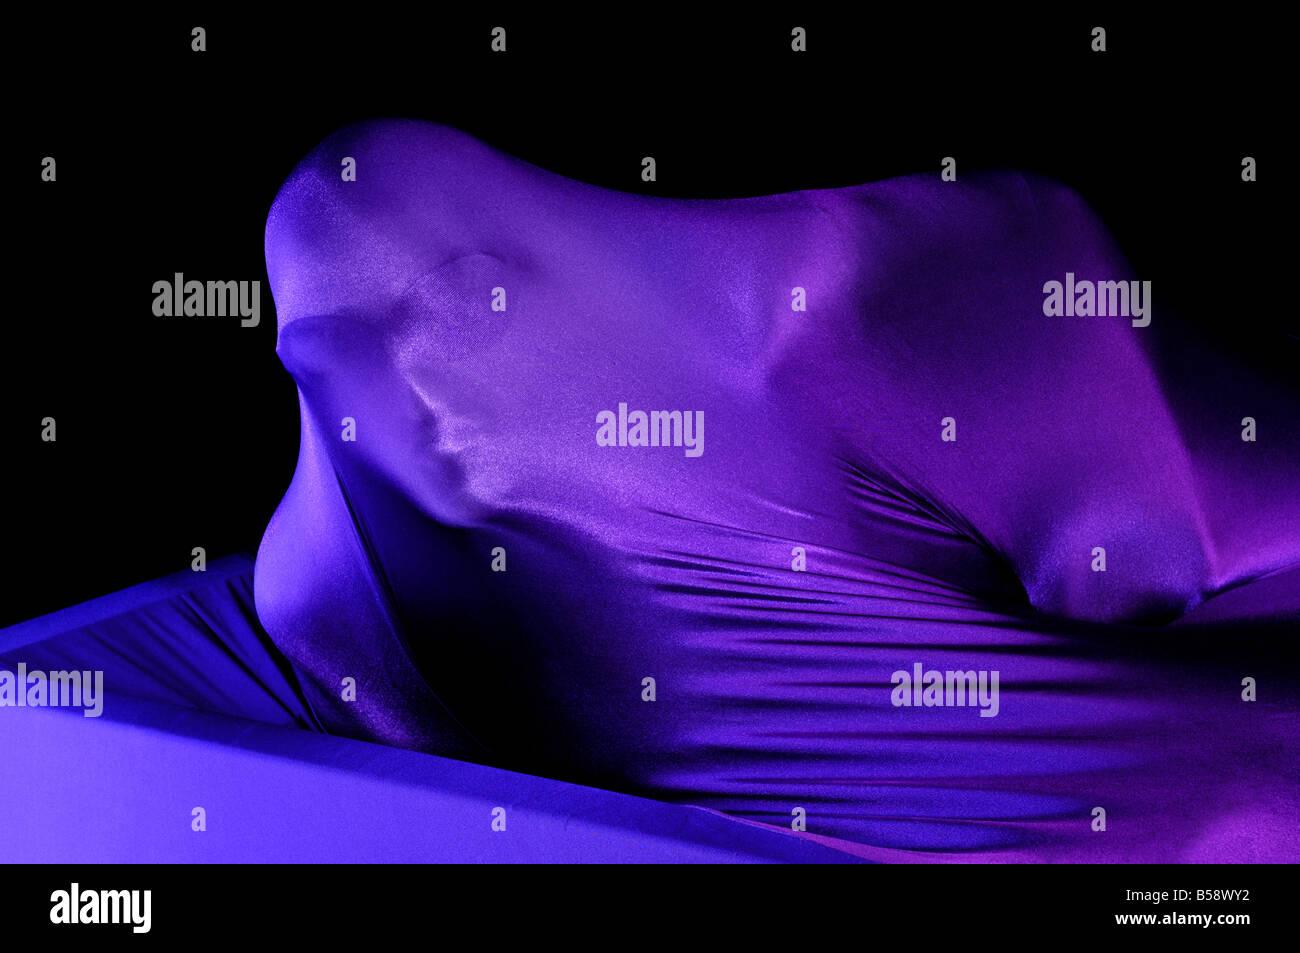 Abstract Human Shape - Stock Image